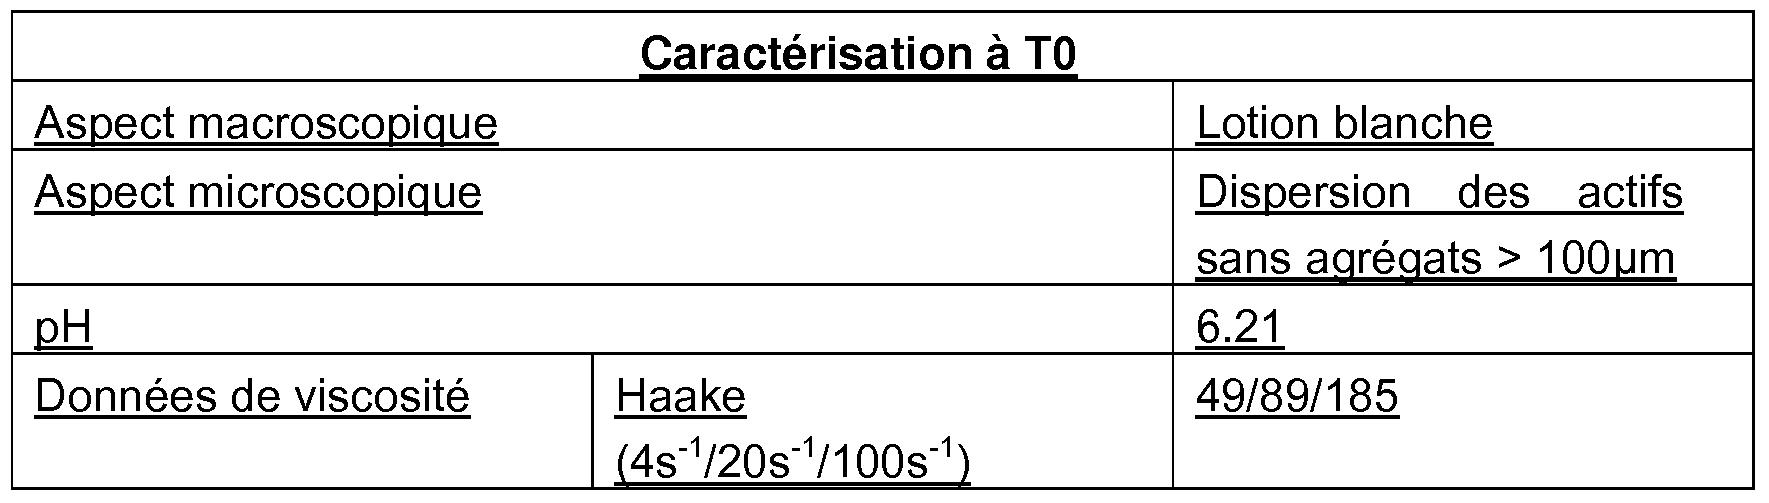 Patent EP2240152A1 - Composition comprenant un retinoide